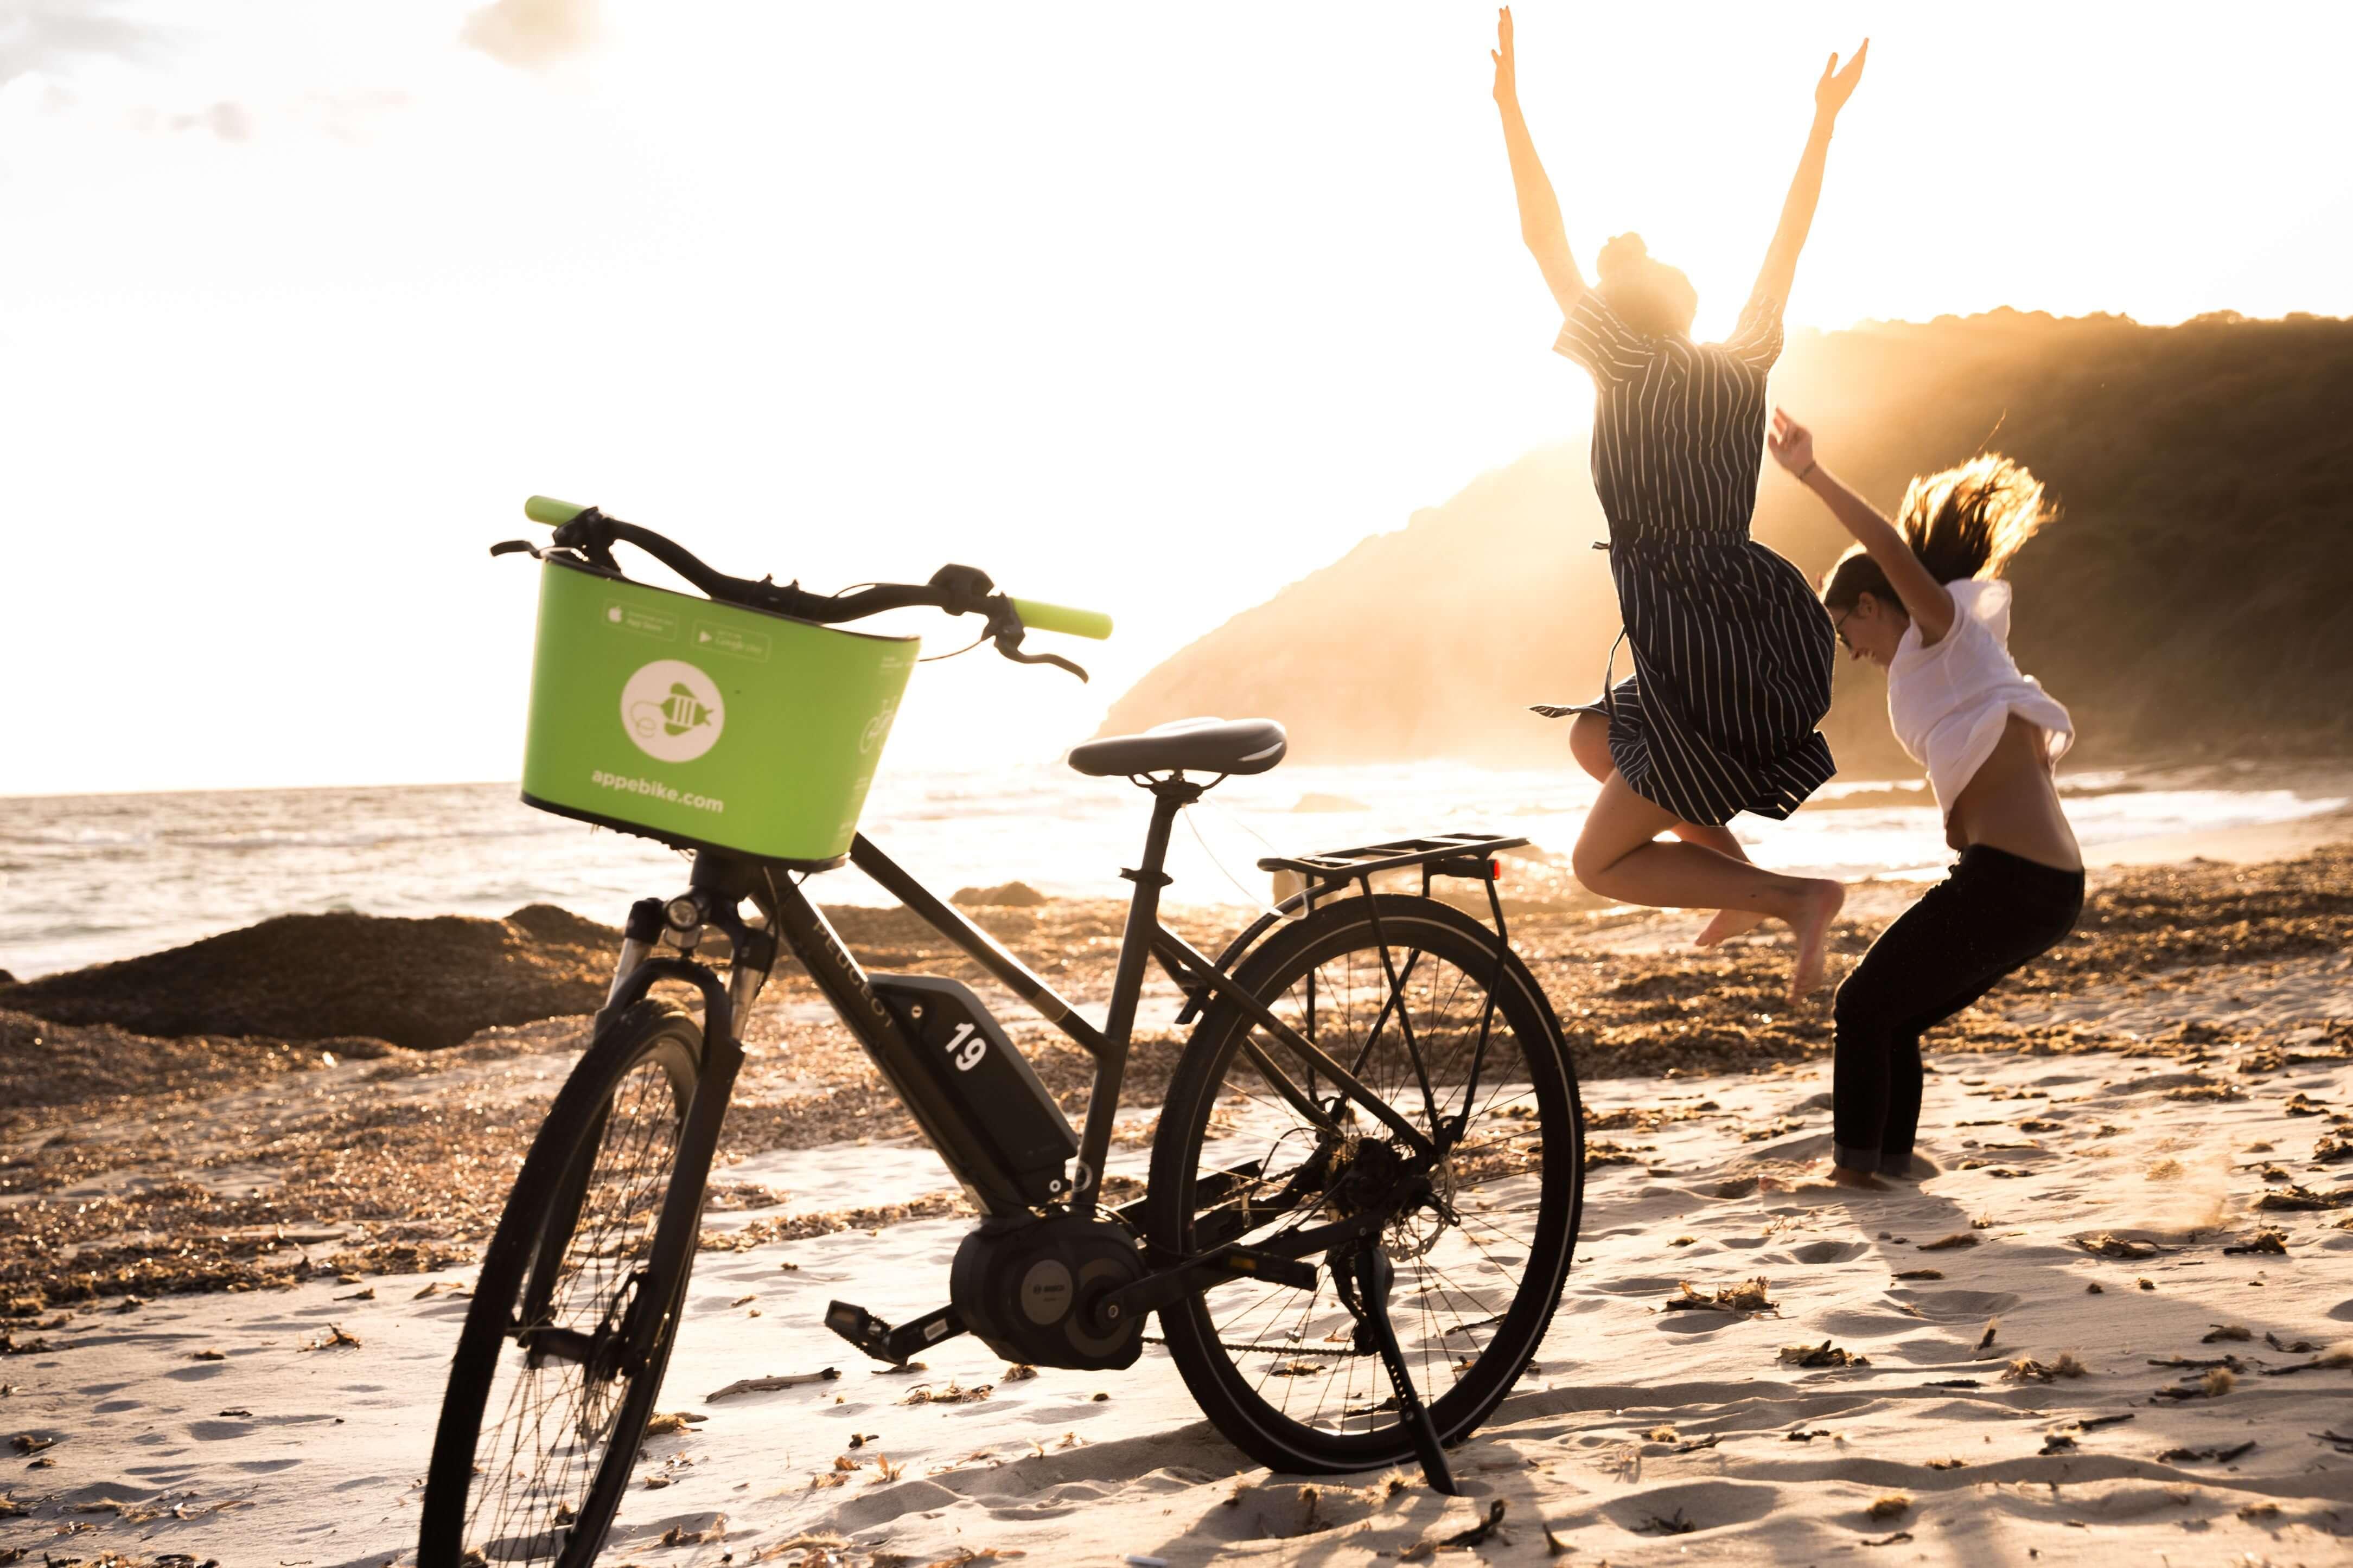 Activité à Ajaccio - Sortie vélo électrique avec guide aux îles Sanguinaires